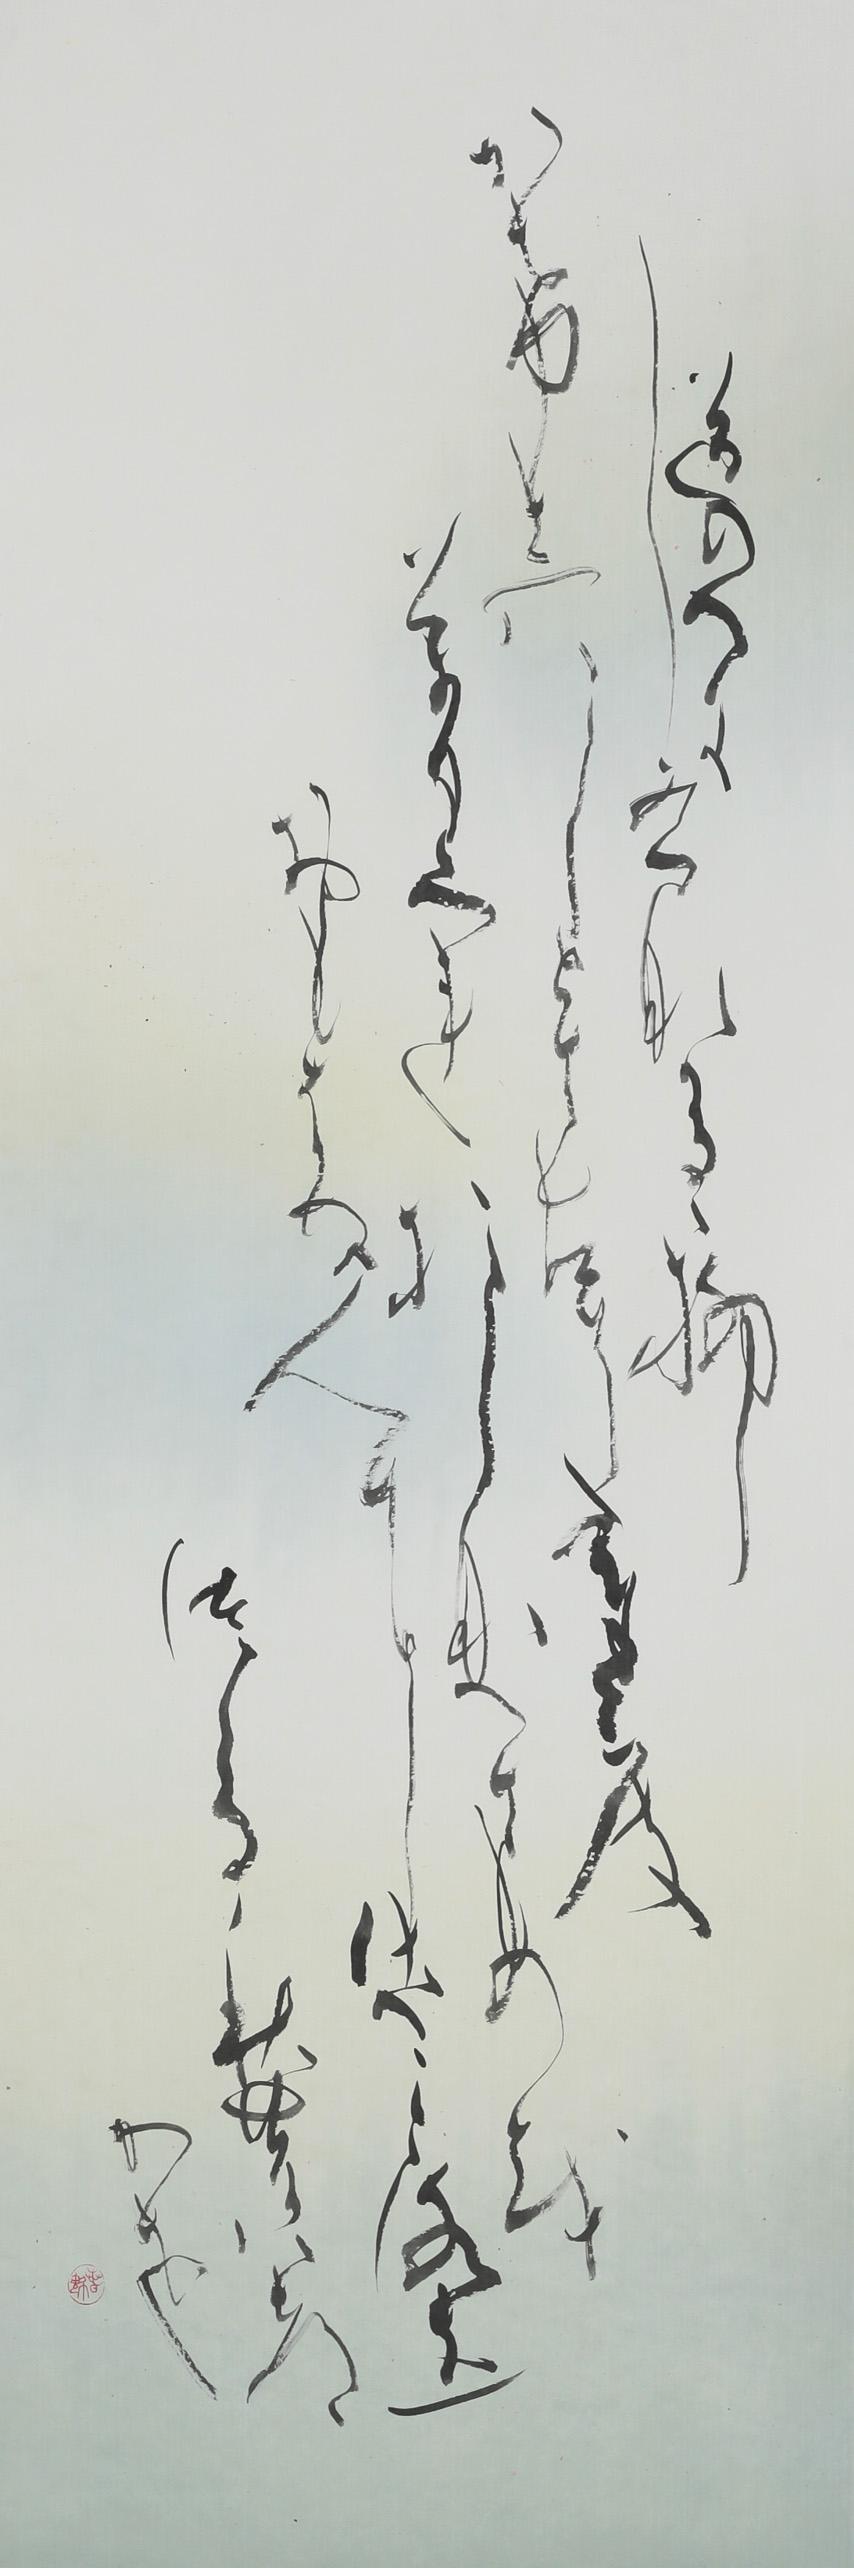 第34回産経国際書展出品作品「西行 みちのべに」(縦180×横60センチ)